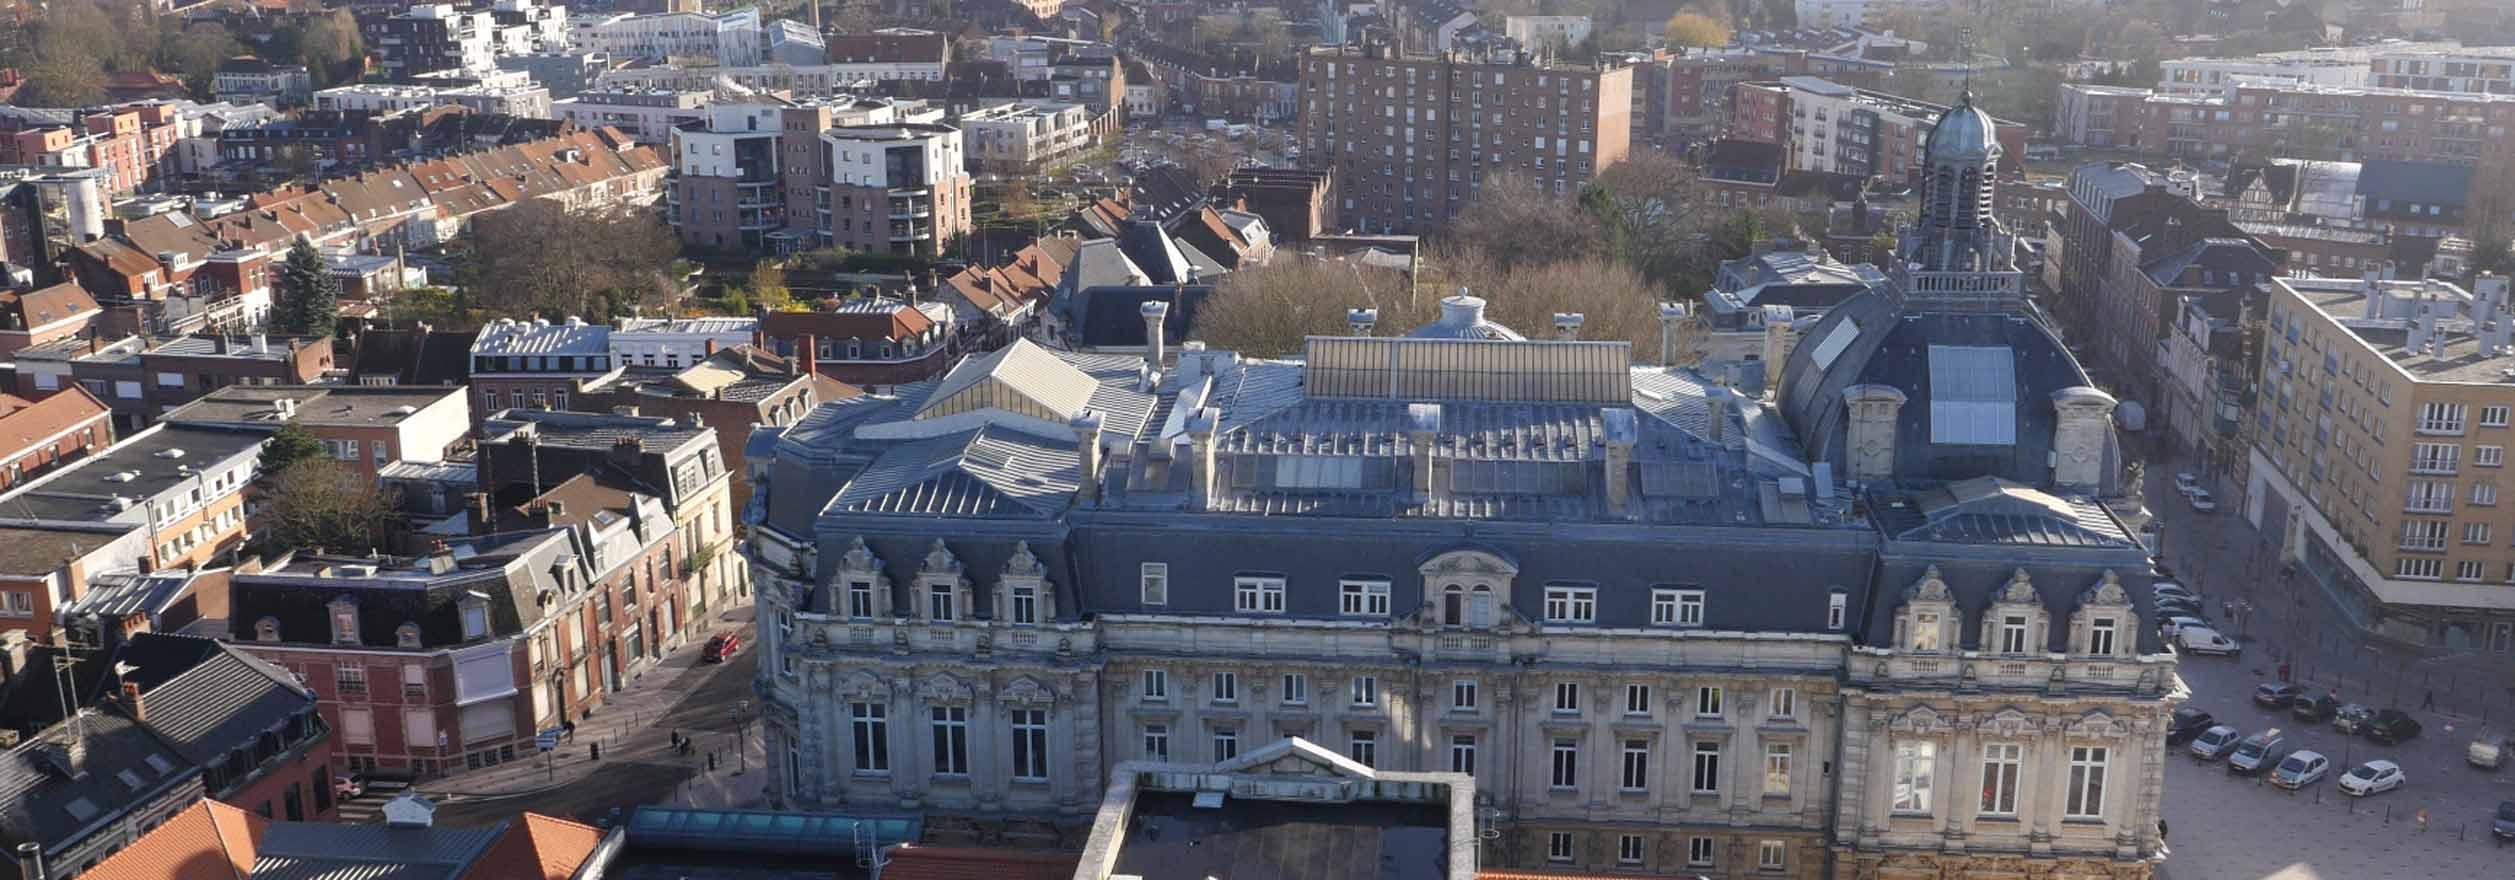 Entreprise Generale De Batiment Tourcoing les services de la mairie / ma ville - tourcoing